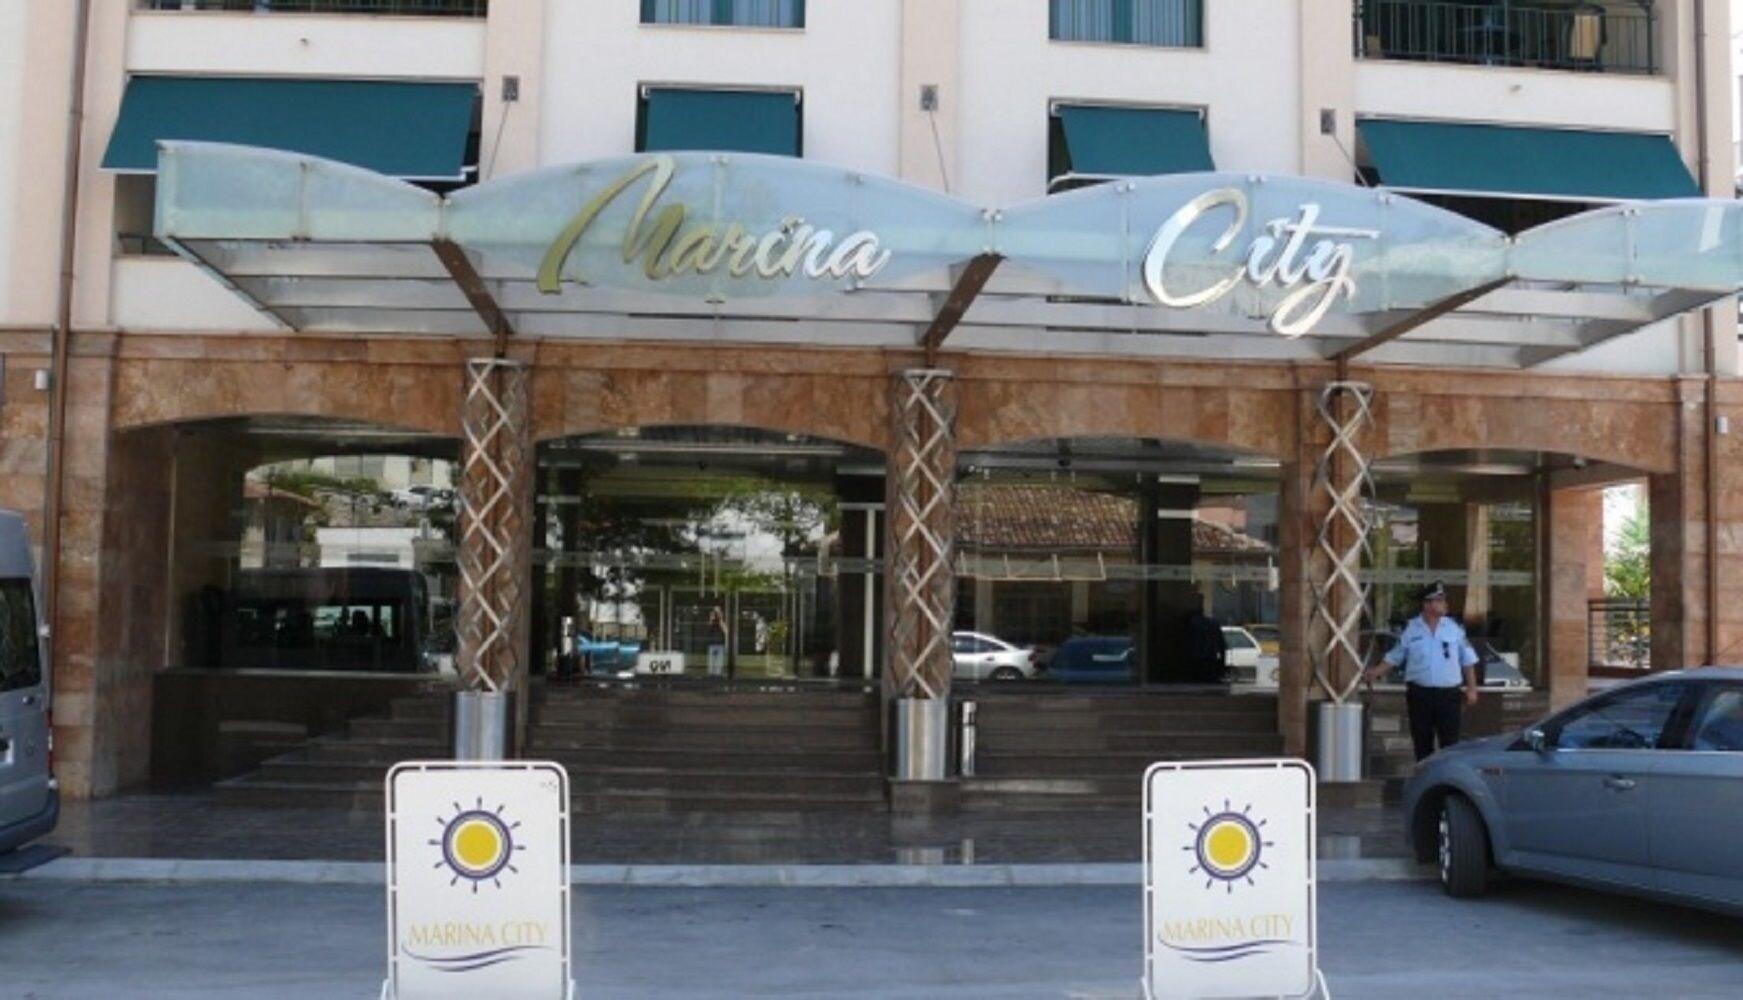 Marina City Hotel, Balchik